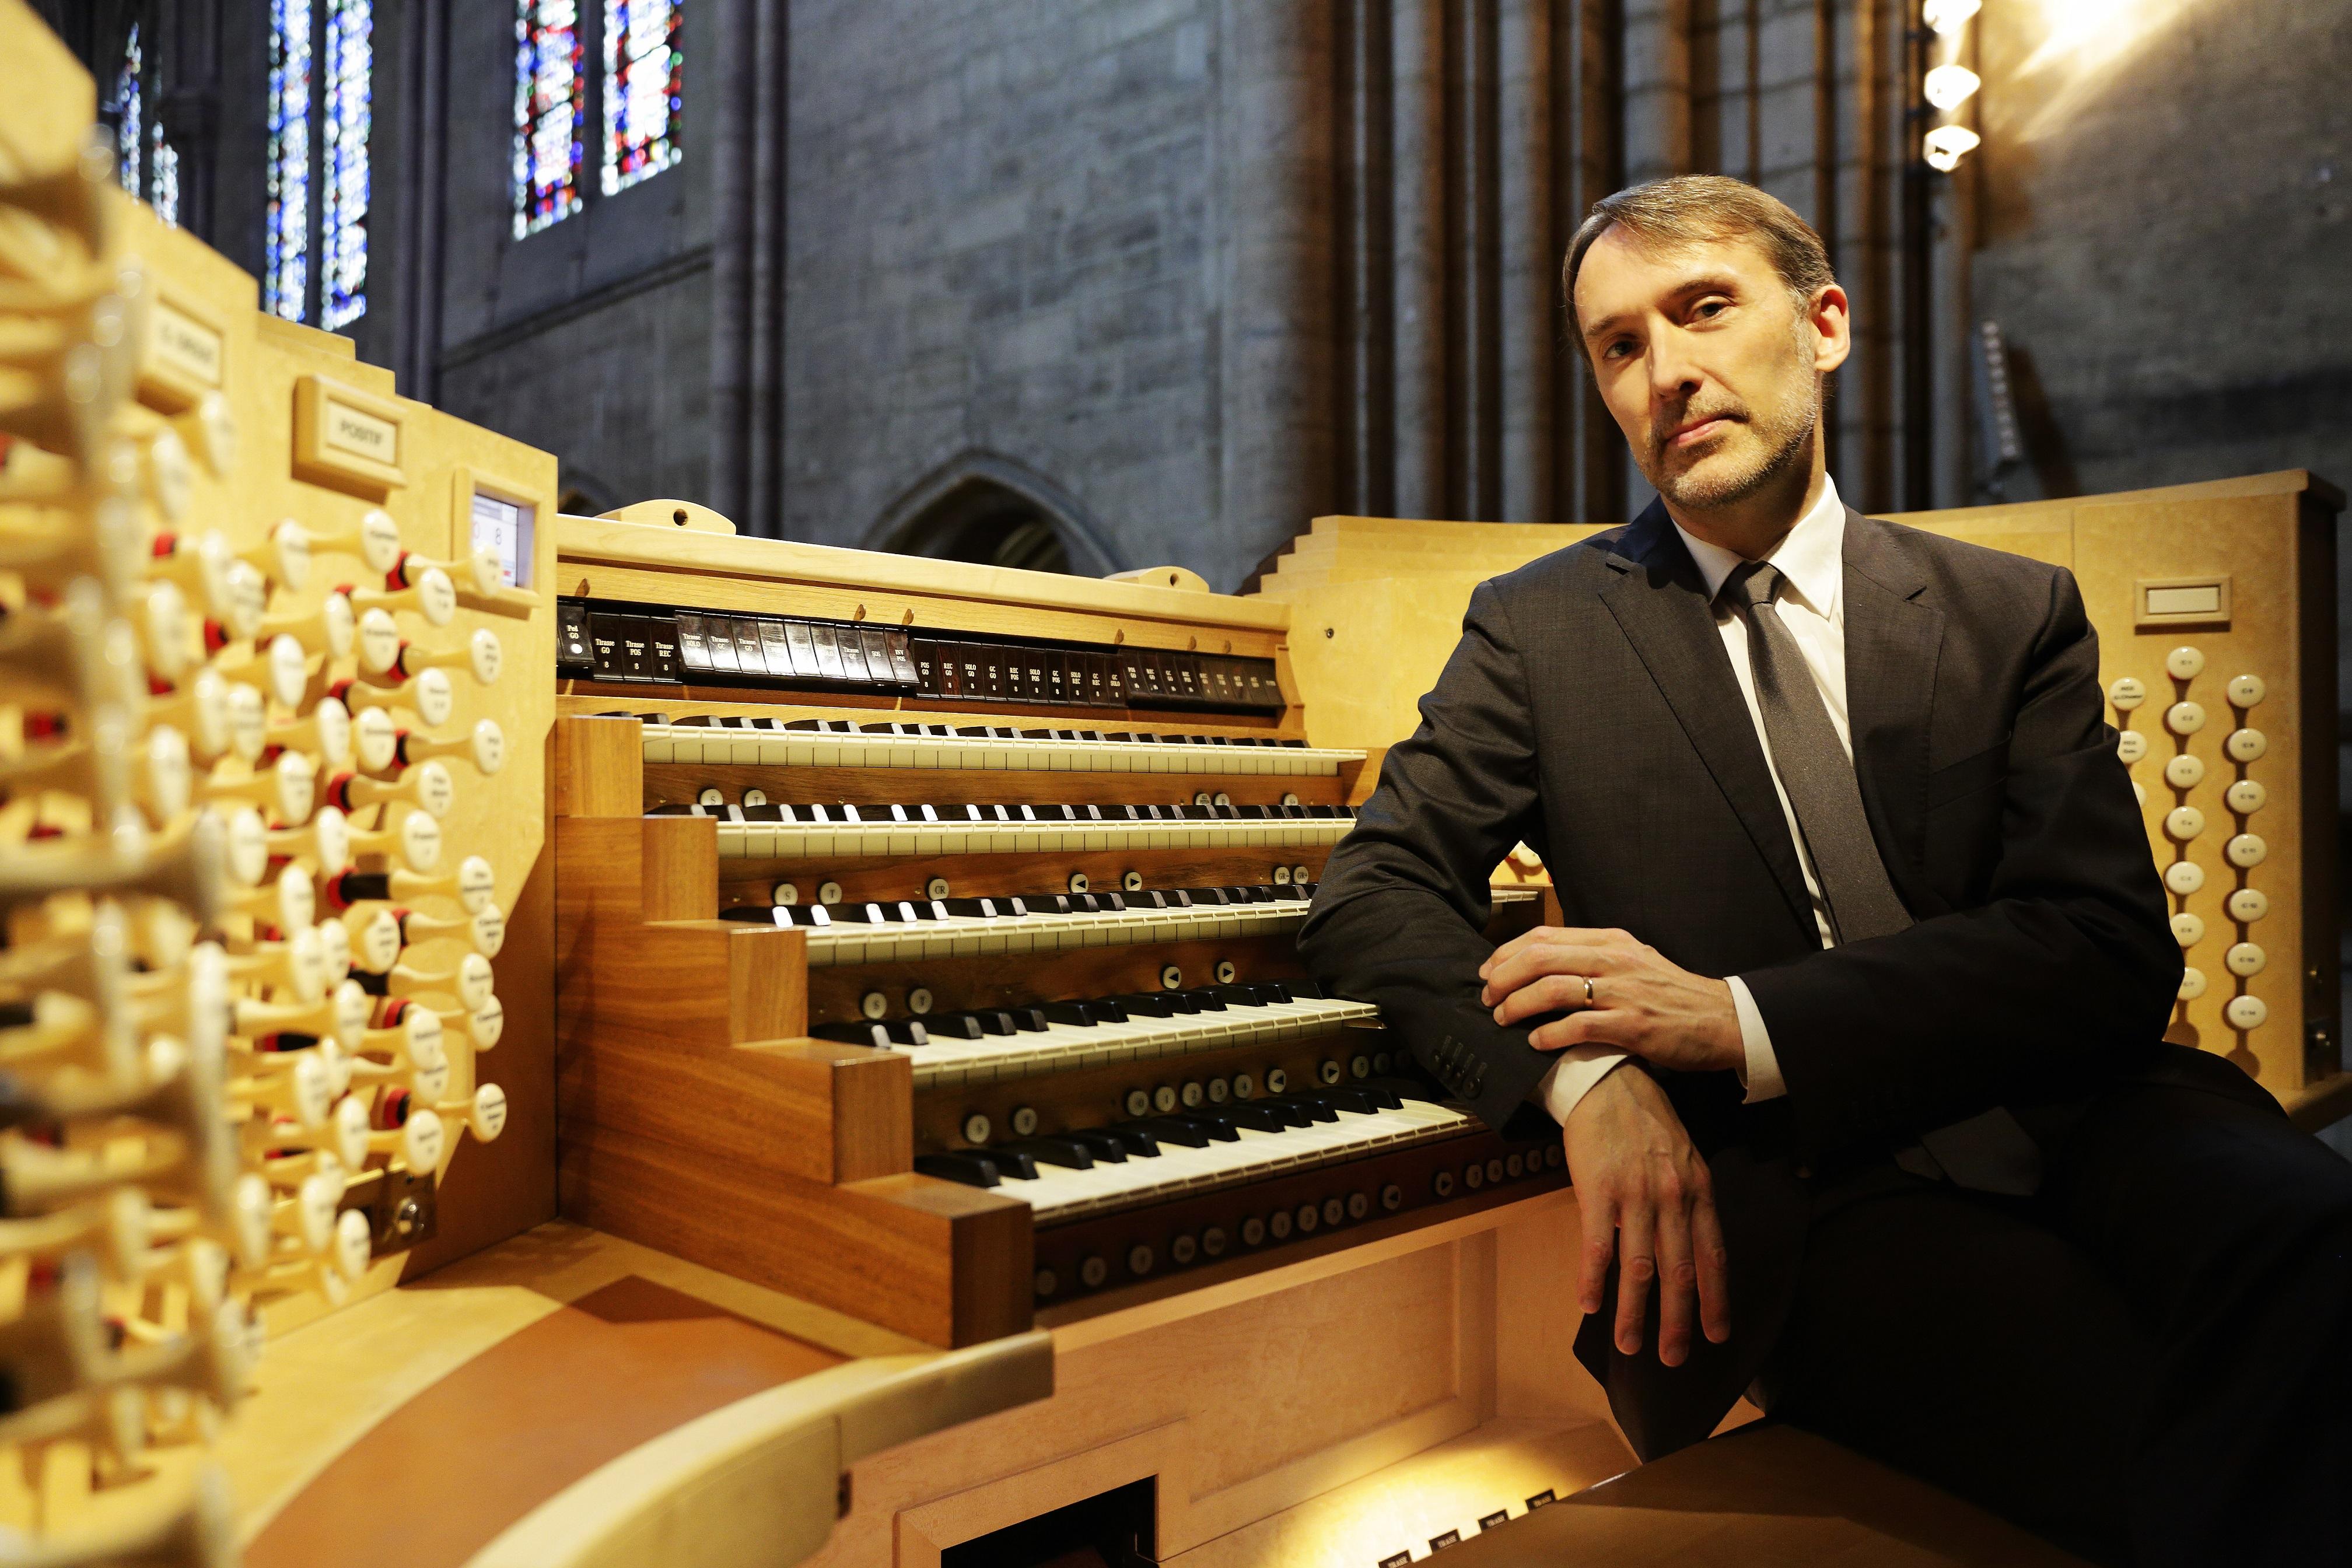 照片:法國管風琴名家拉特利